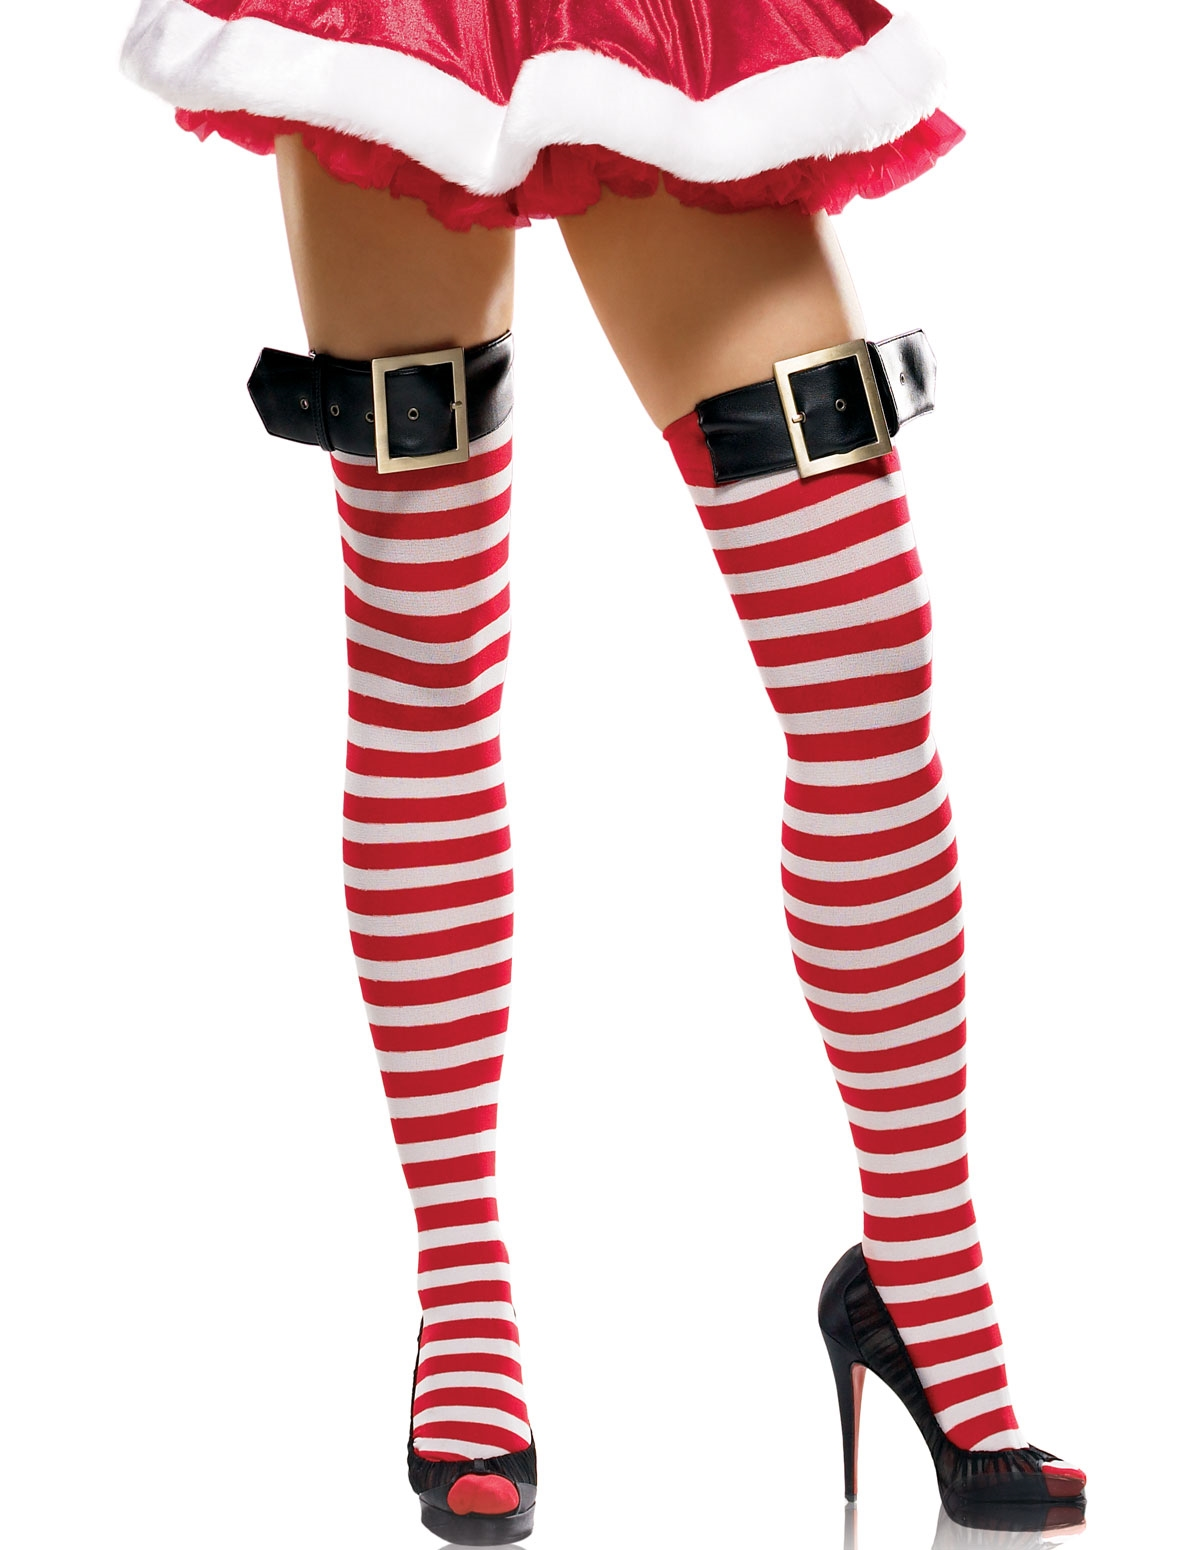 Stockings W/Belt Buckle Top